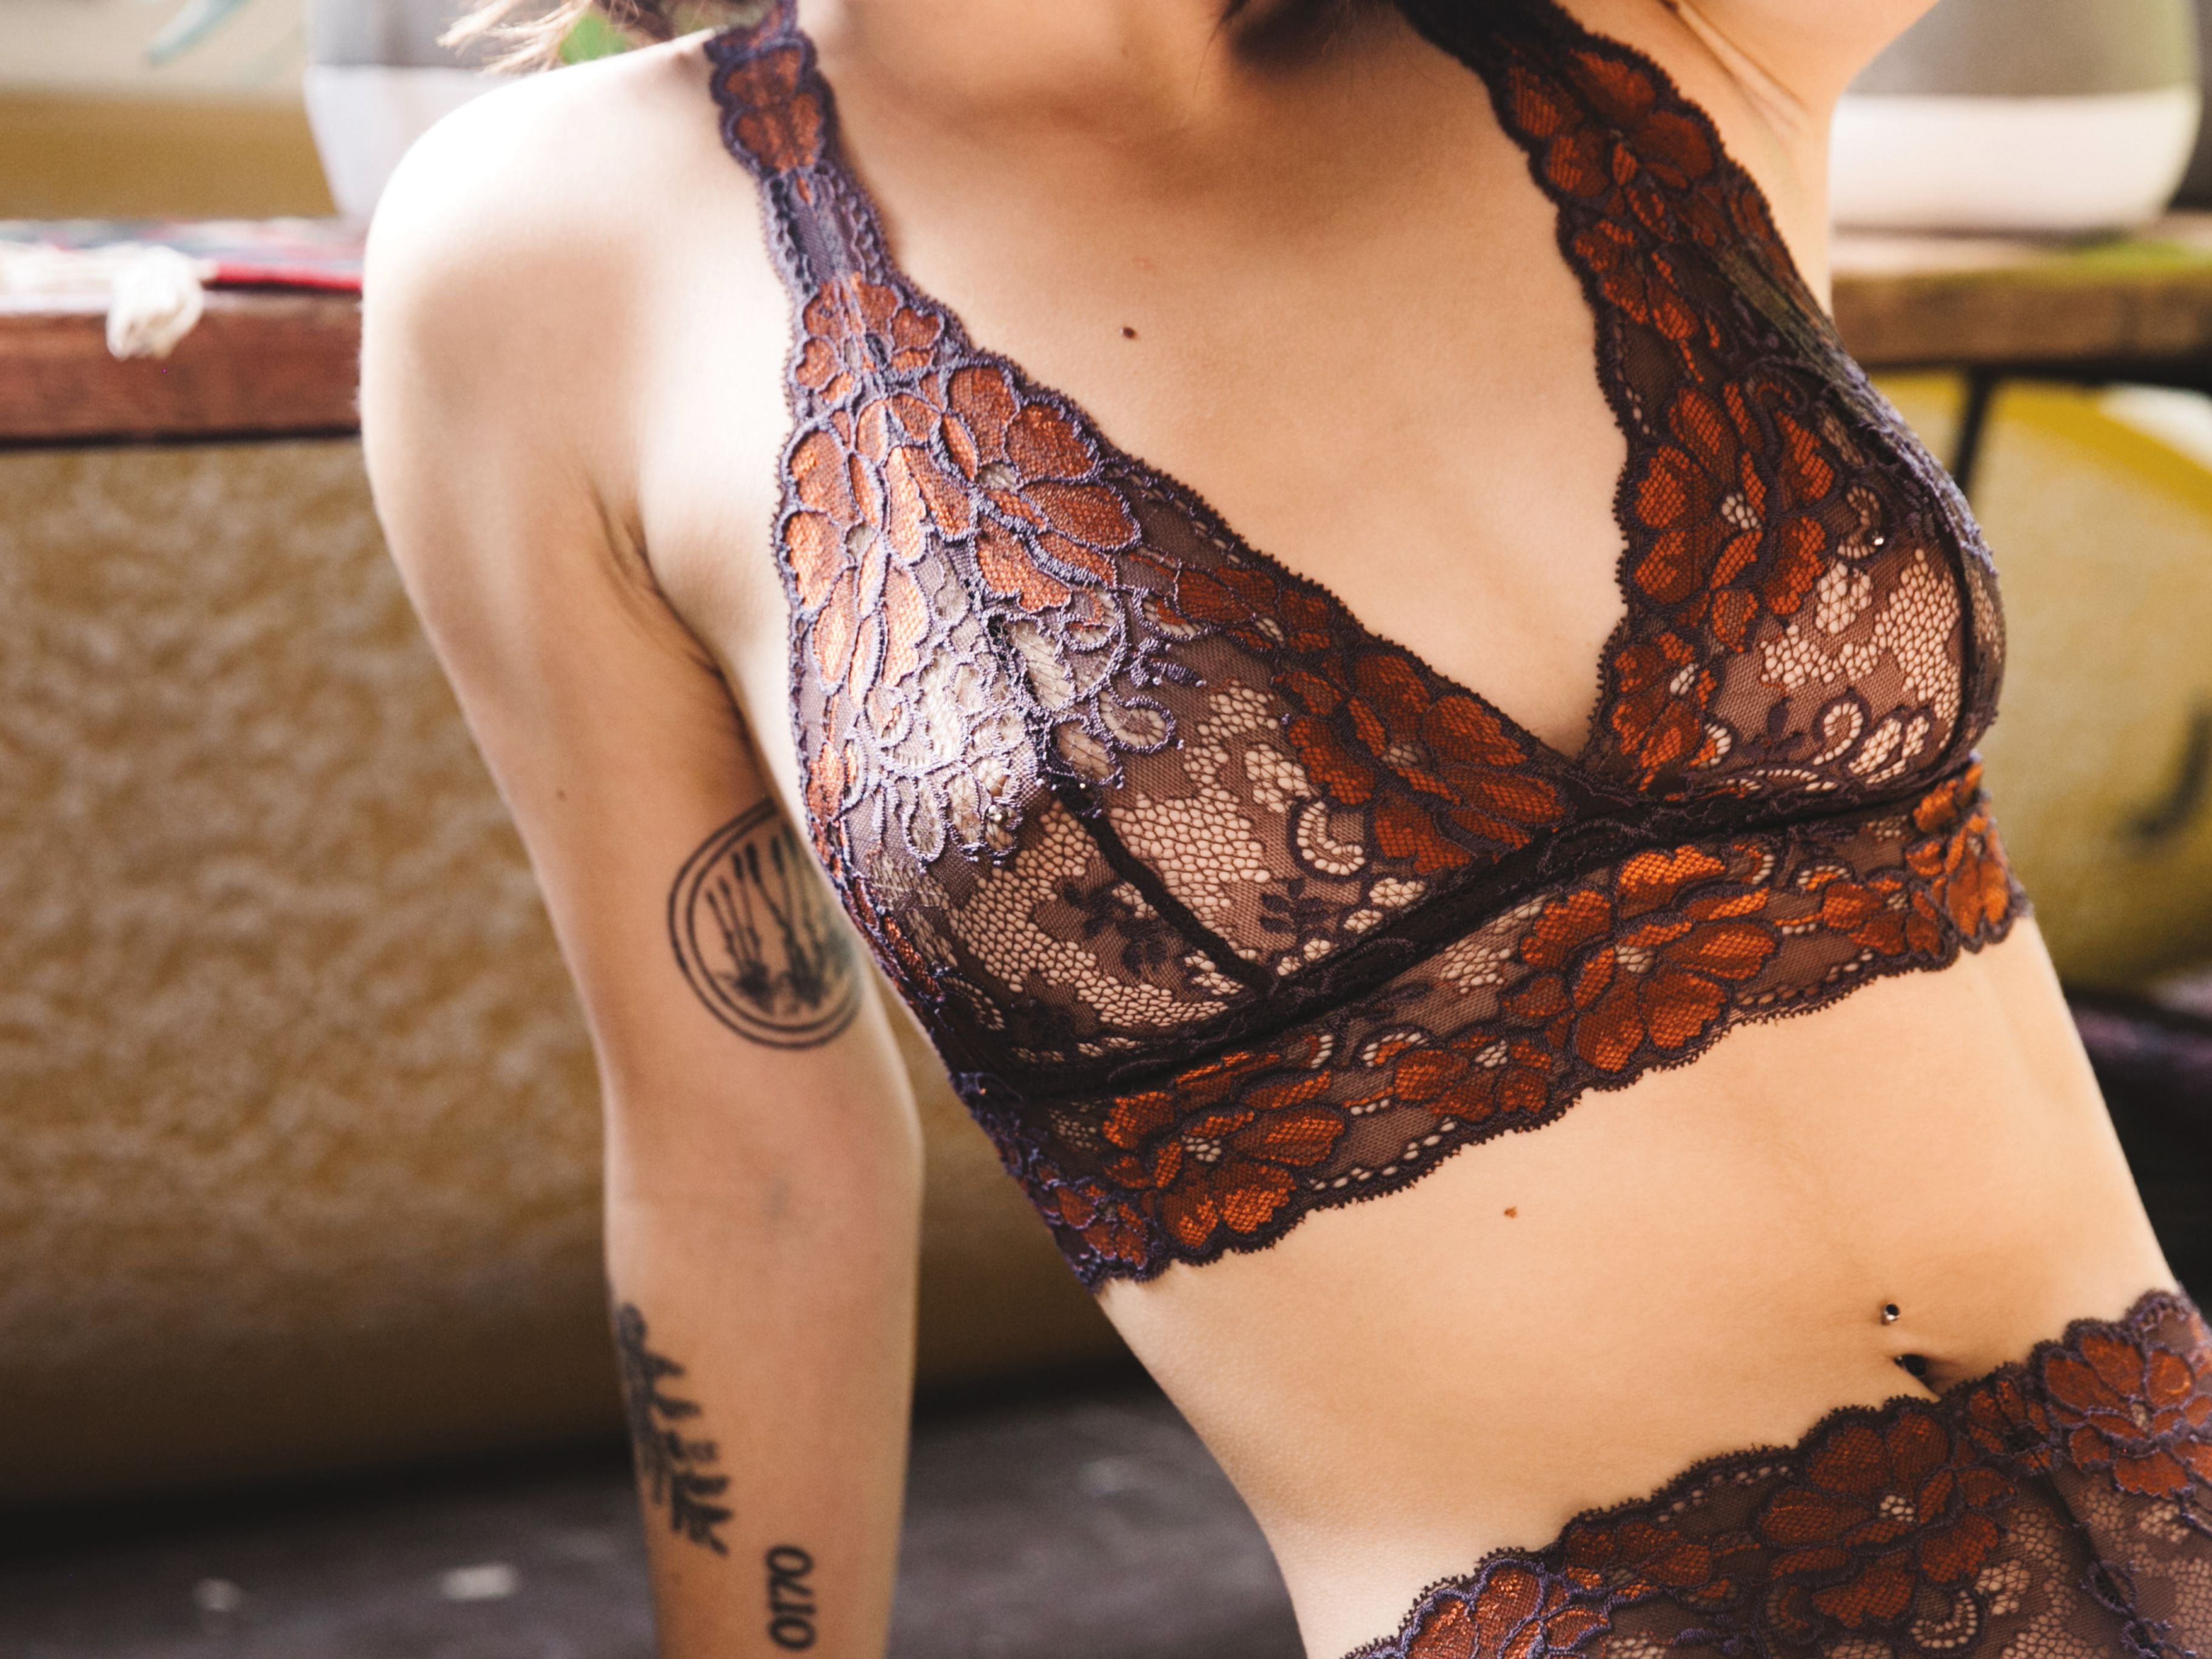 0218 show tell lingerie vava lingerie ptcgdr